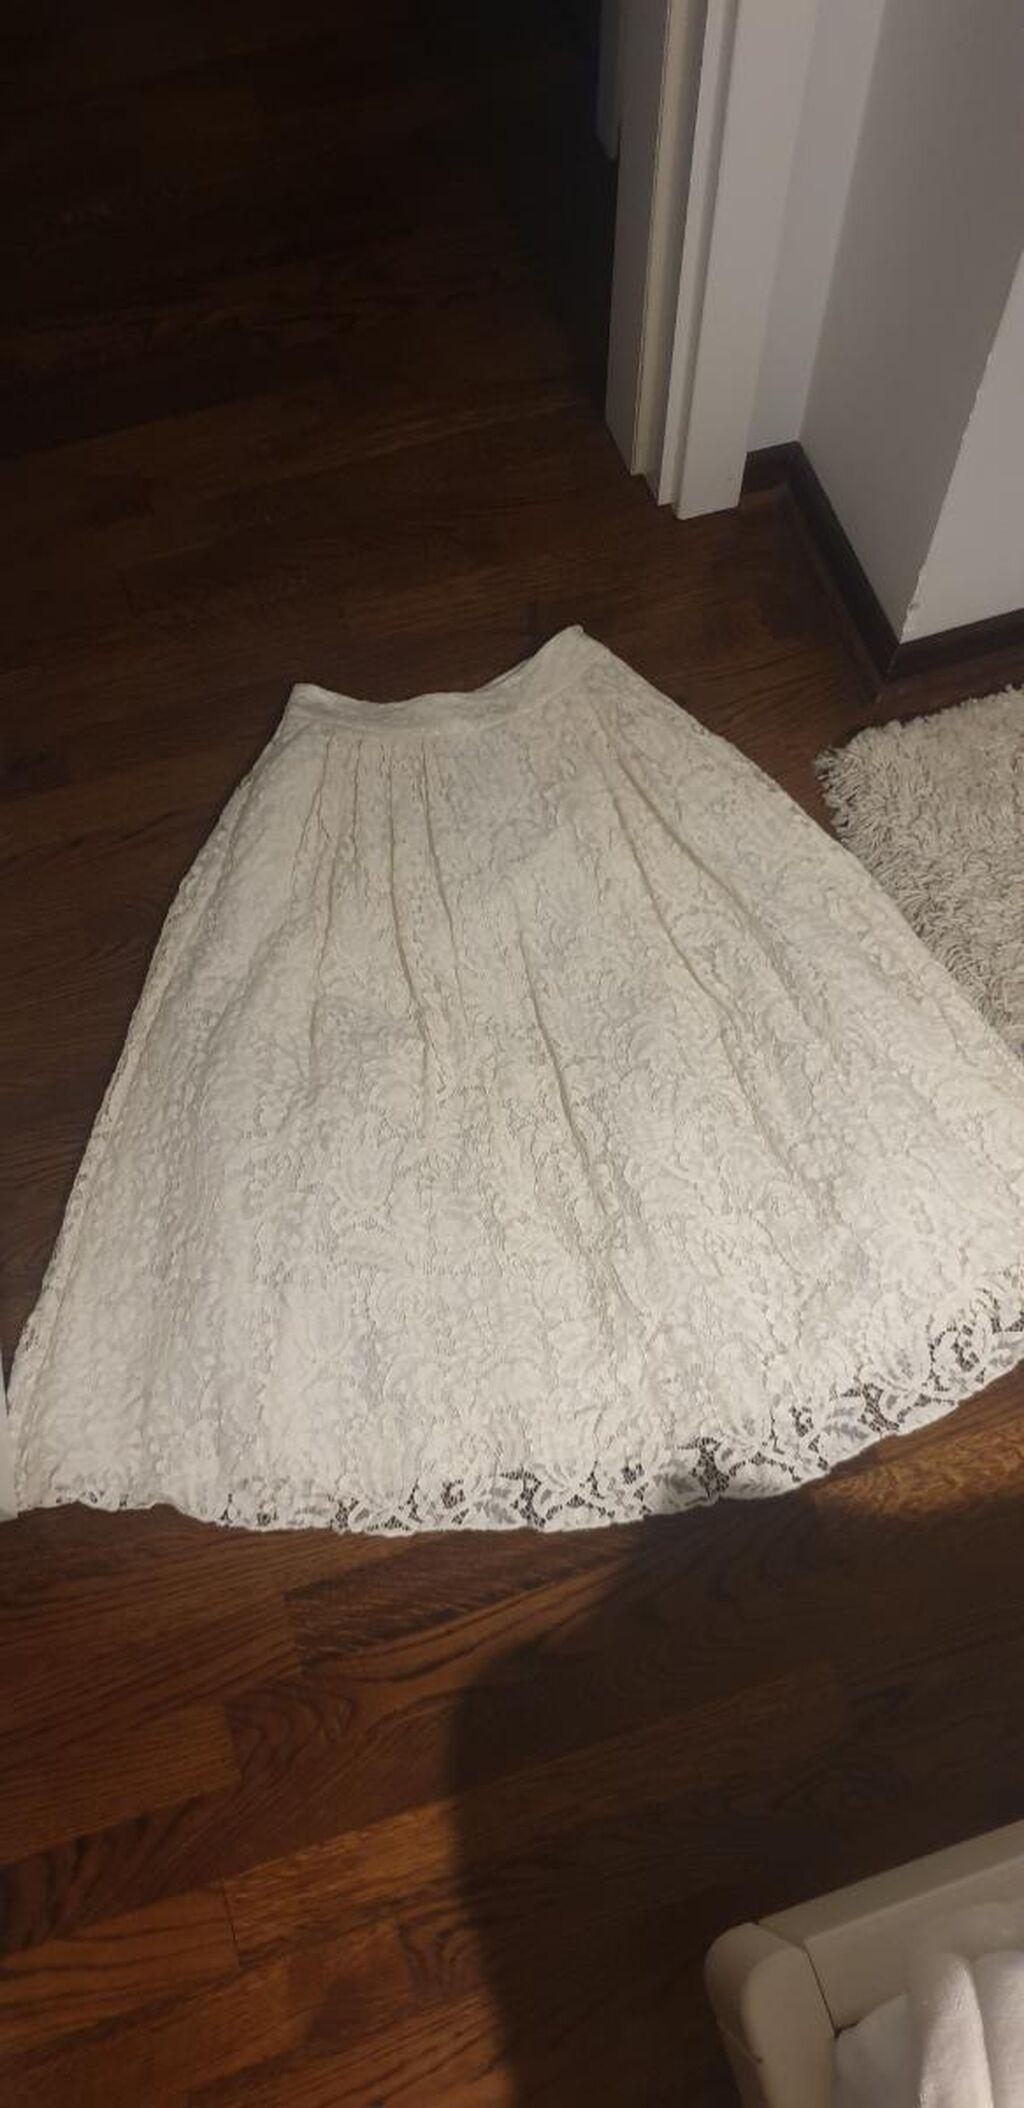 Čipkana suknja, kroj A, postavljena sa vise slojeva, i tilom, ima dzepove sa strane, dublji struk, duzina do lista